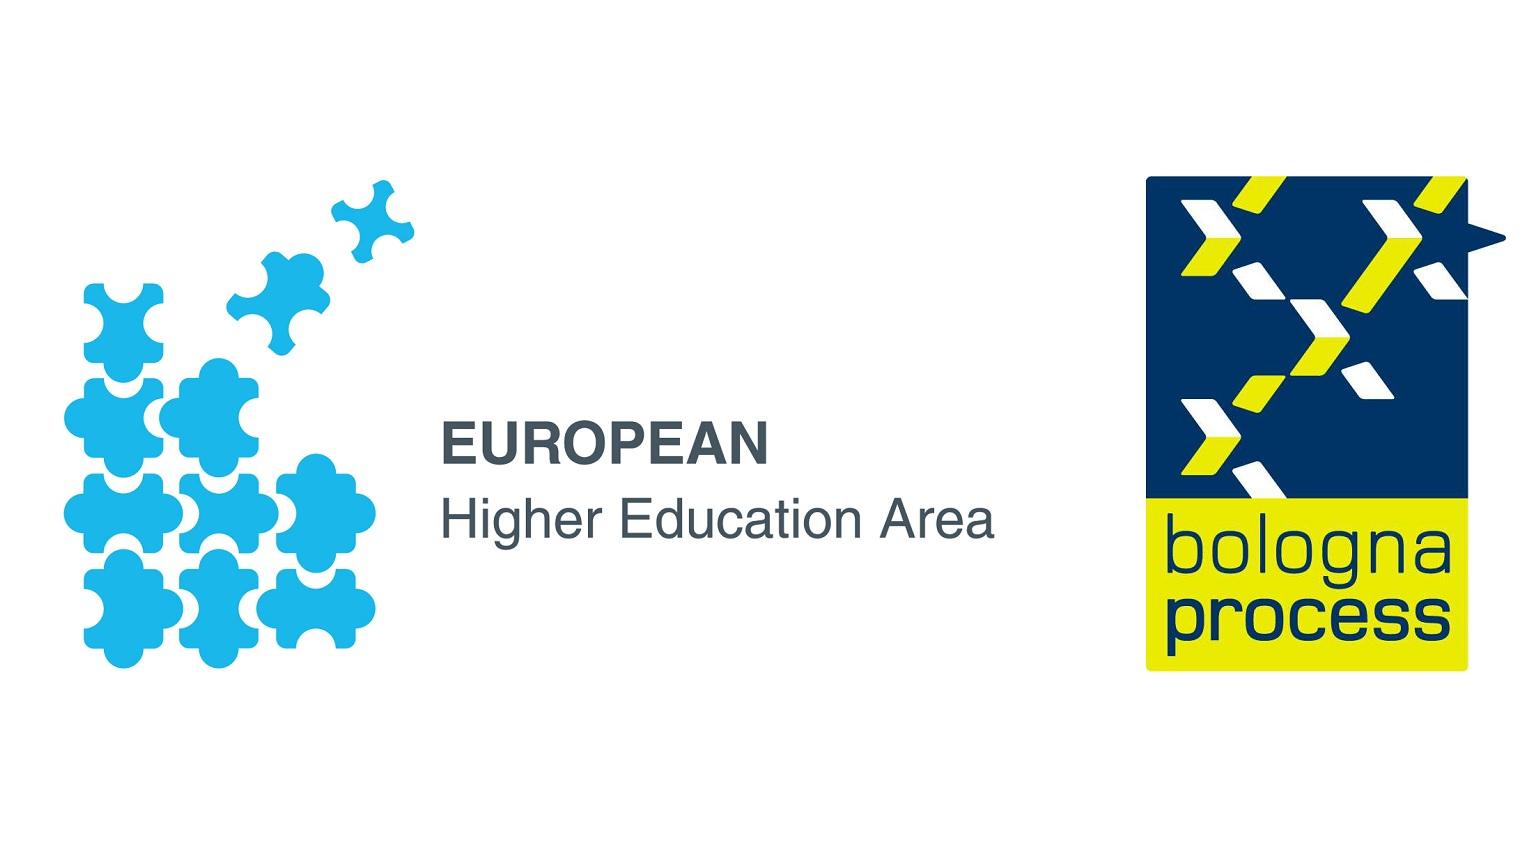 Giáo dục đại học Bỉ được thiết kế theo khung giáo dục đại học châu Âu